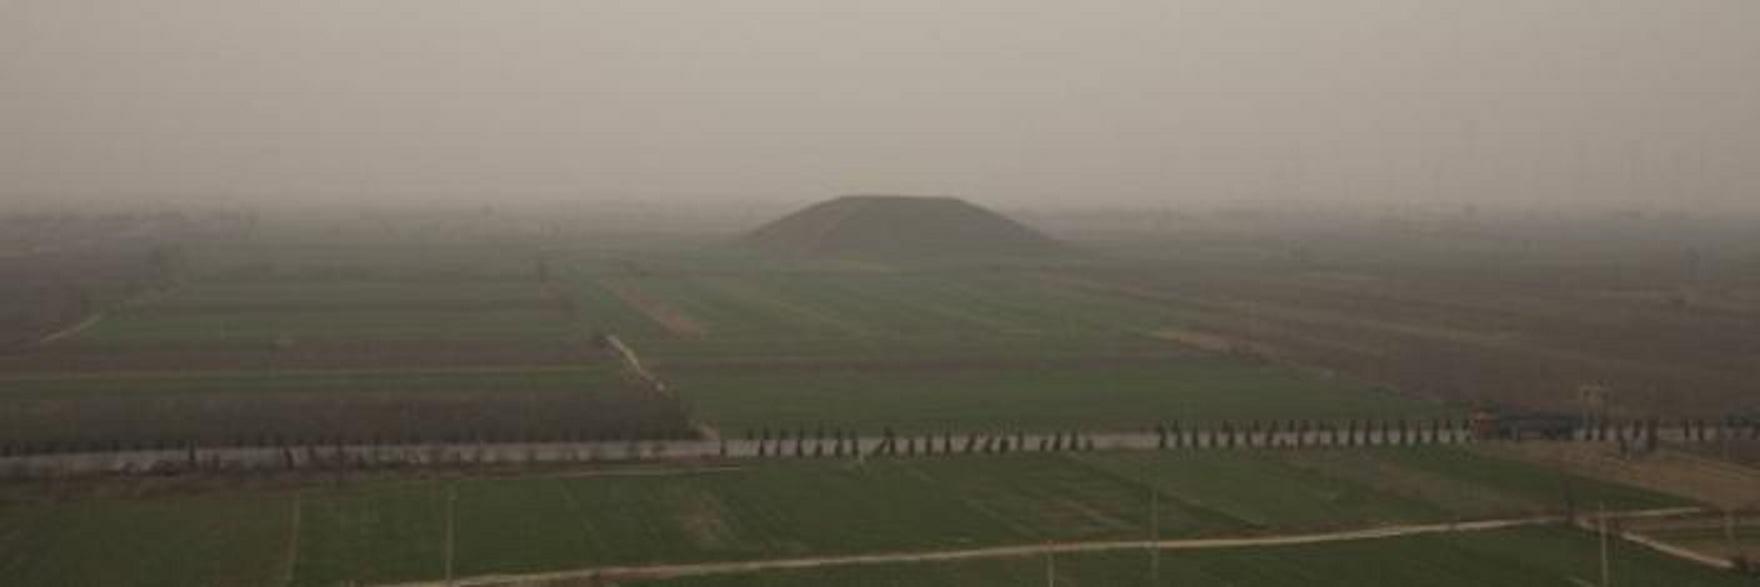 Η ΛΕΥΚΗ ΠΥΡΑΜΙΔΑ -ΠΙΘΑΝΟΝ ΒΑΣΙΛΙΚΟΣ ΤΑΦΟΣ ΤΩΝ ΣΑ ΑΝΧΙ  ΑΥΤΟΚΡ.  (141-87 BCE) ΑΥΤΟΚΡΑΤΟΡΑ ΓΟΥΑΝ ΒΟΥ ΝΤΙ . ΚΙΝΑ